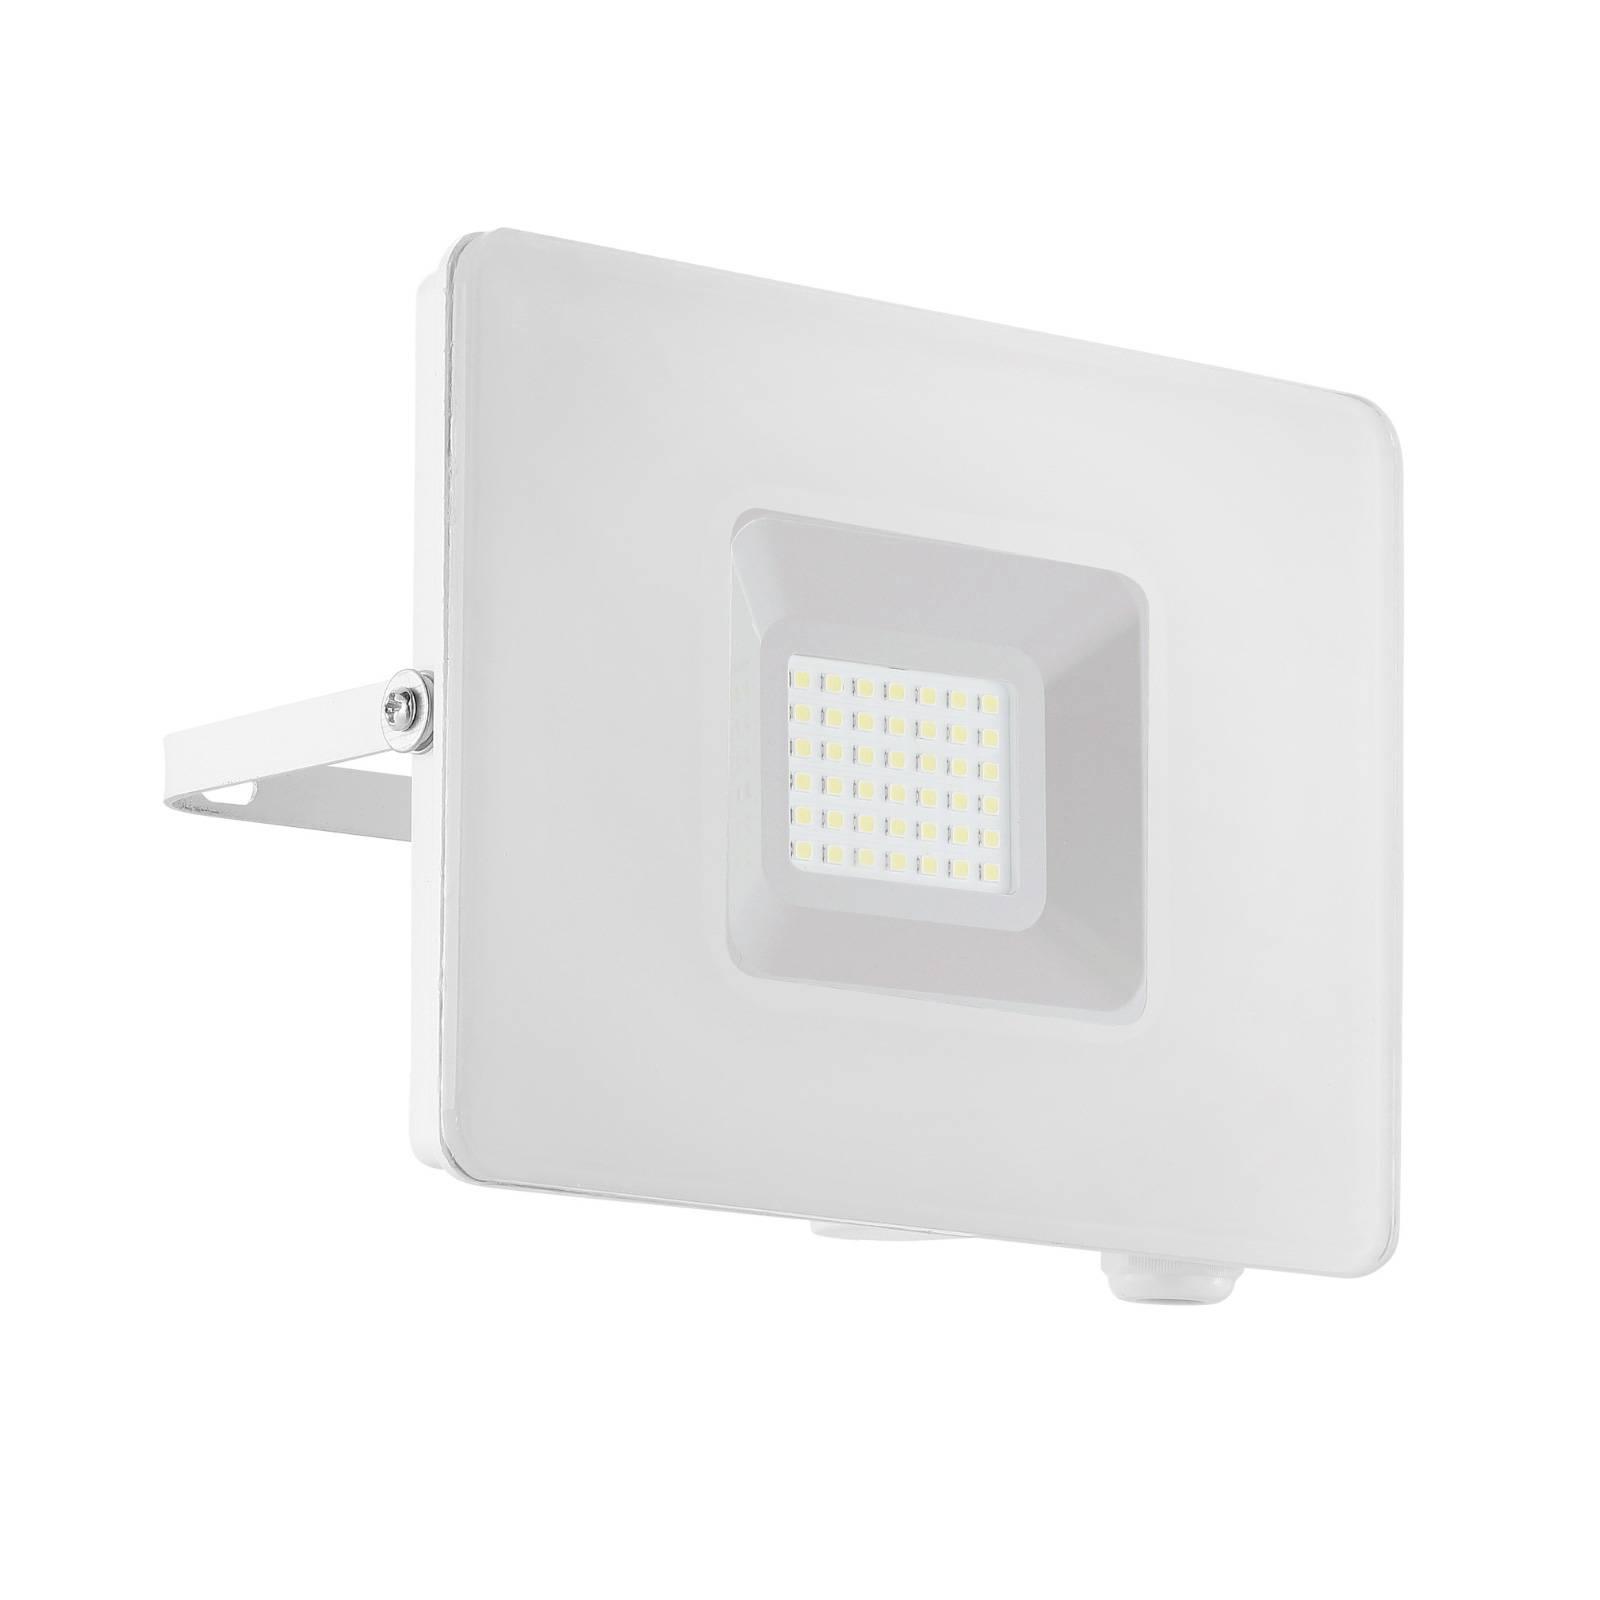 Reflektor zewnętrzny LED Faedo 3 biały, 30W